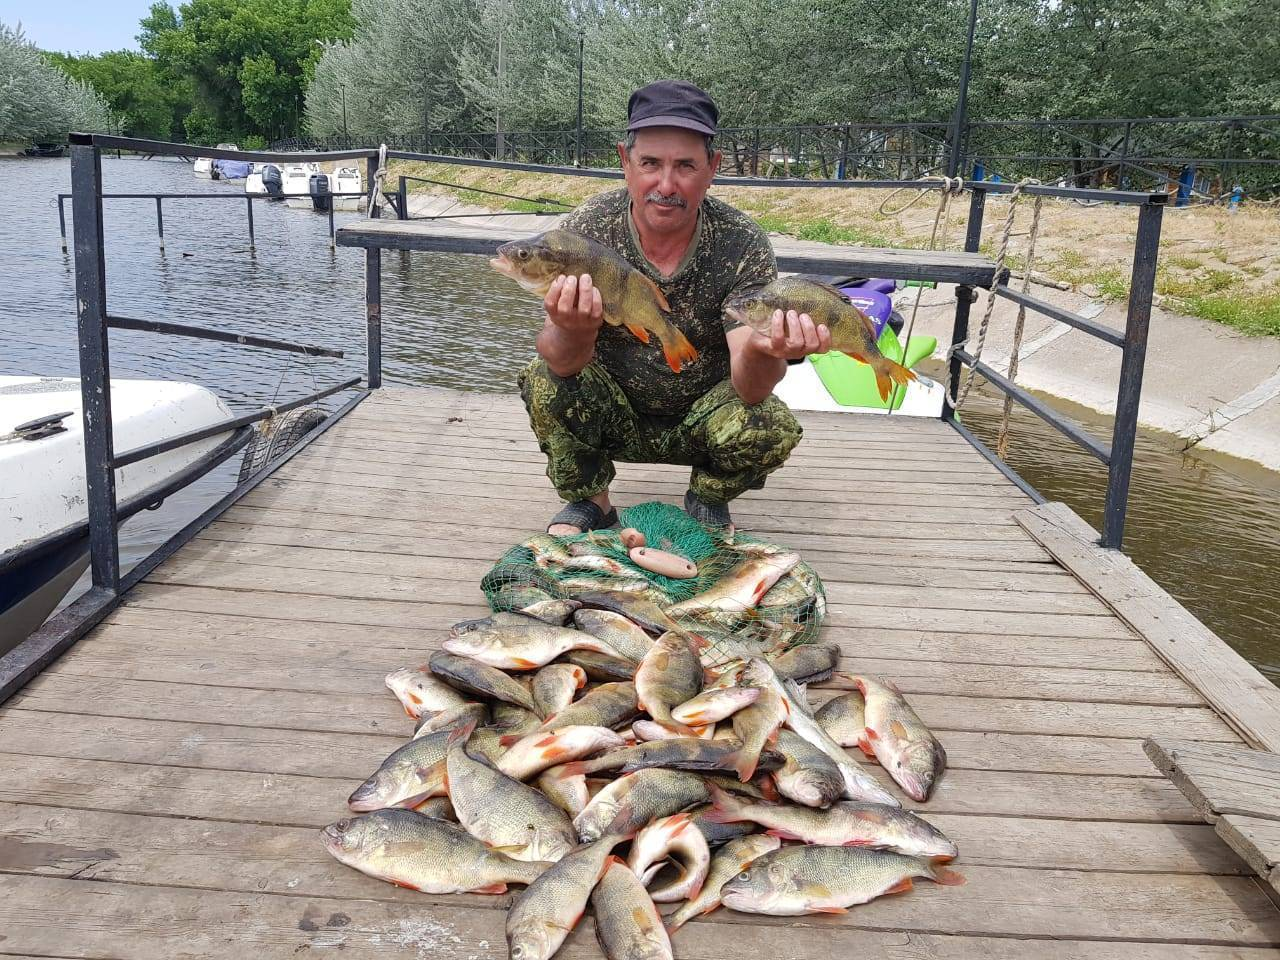 Рыбалка в костанайской области: где лучше клюет, выбор мест для ловли в костанае